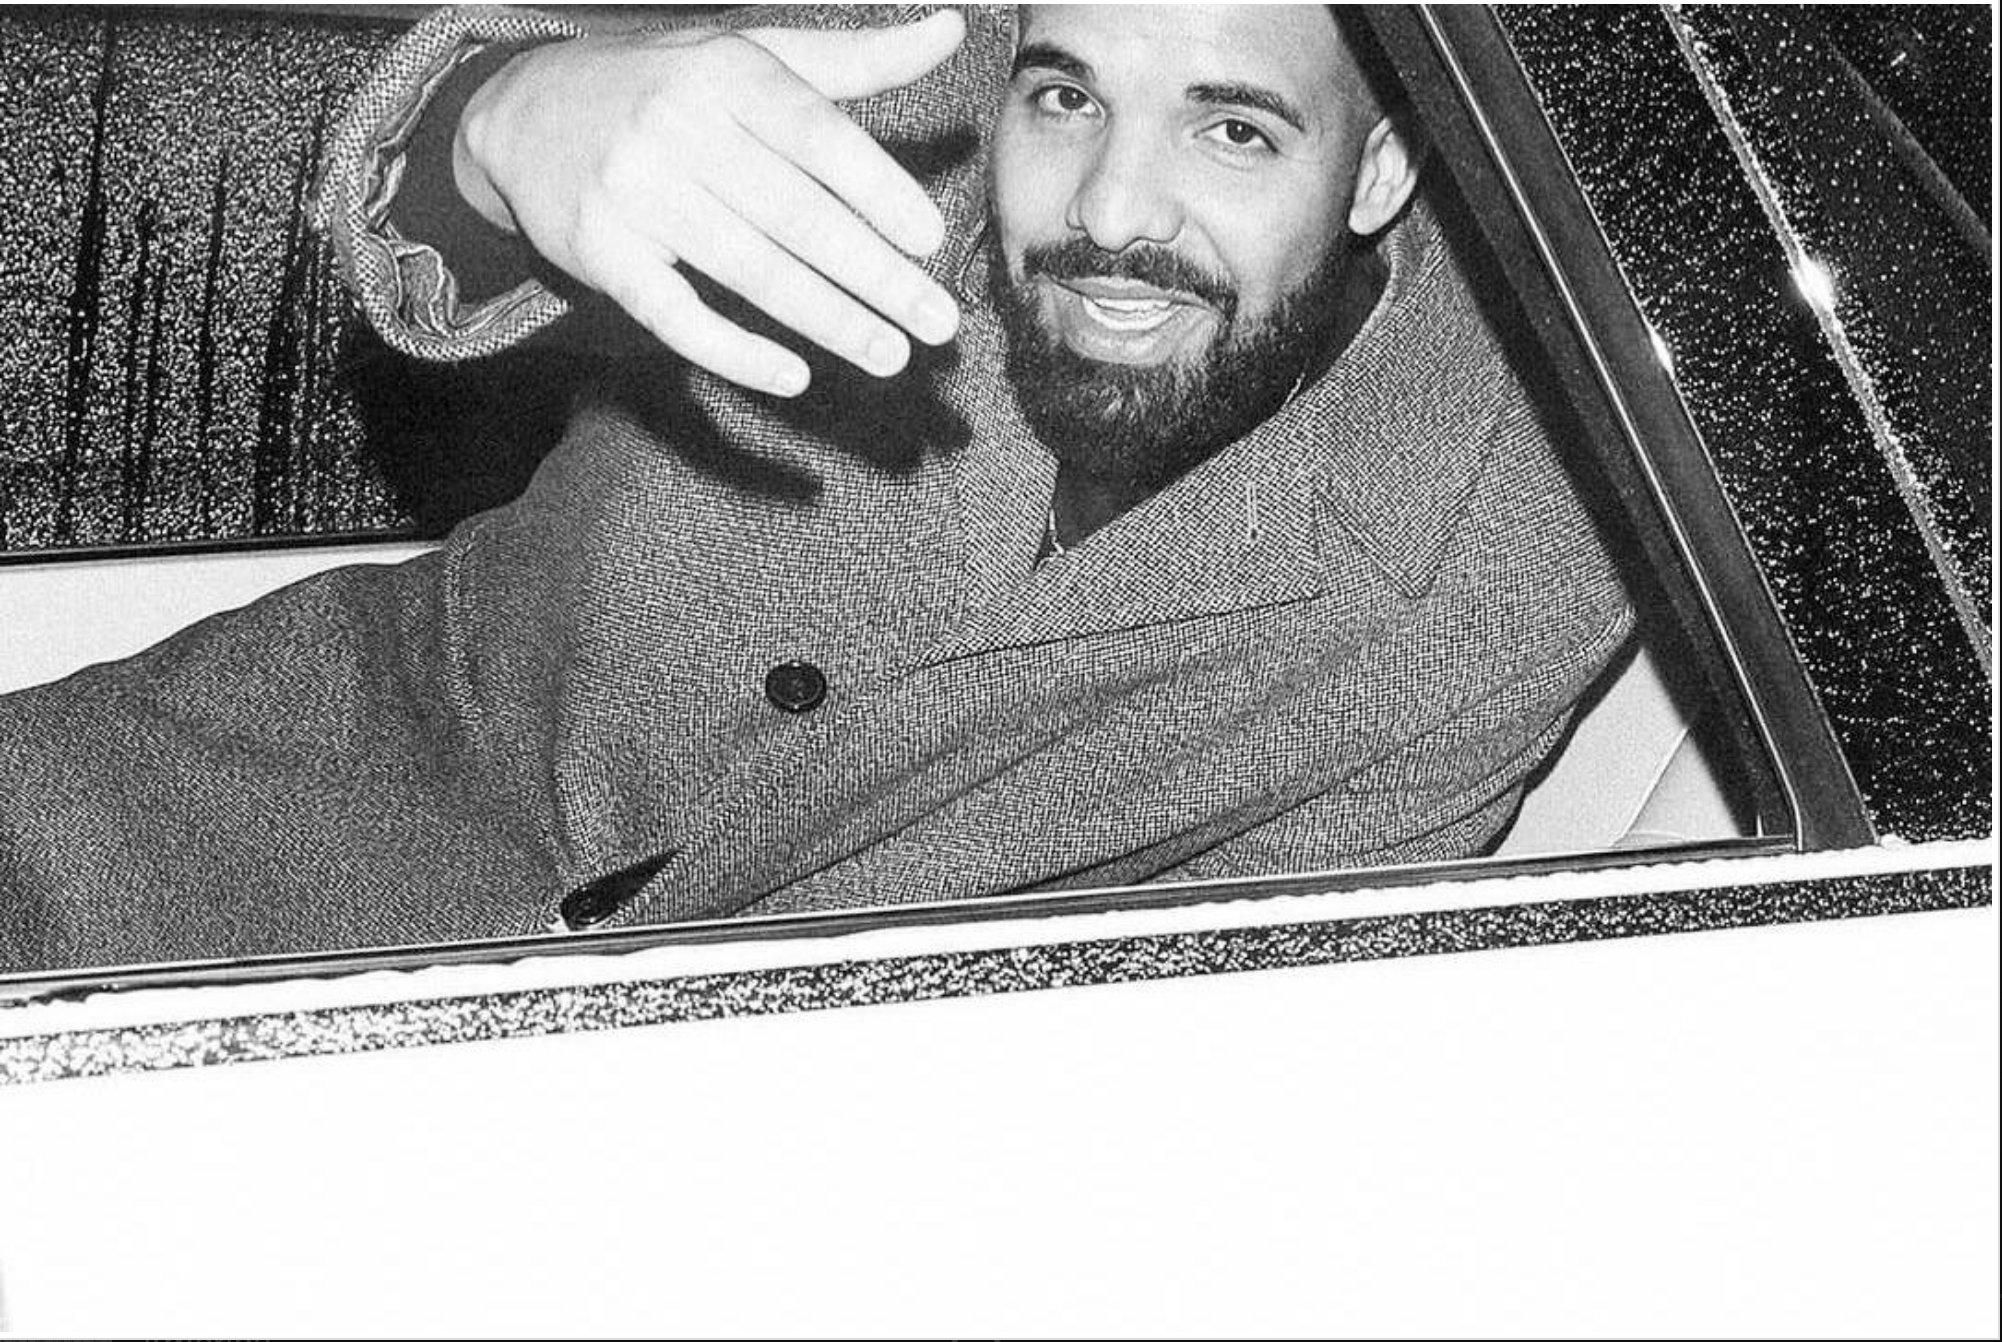 Drake 2018 Run https://t.co/VNUjGgOngb #TIDAL https://t.co/WVNQr4tUeg